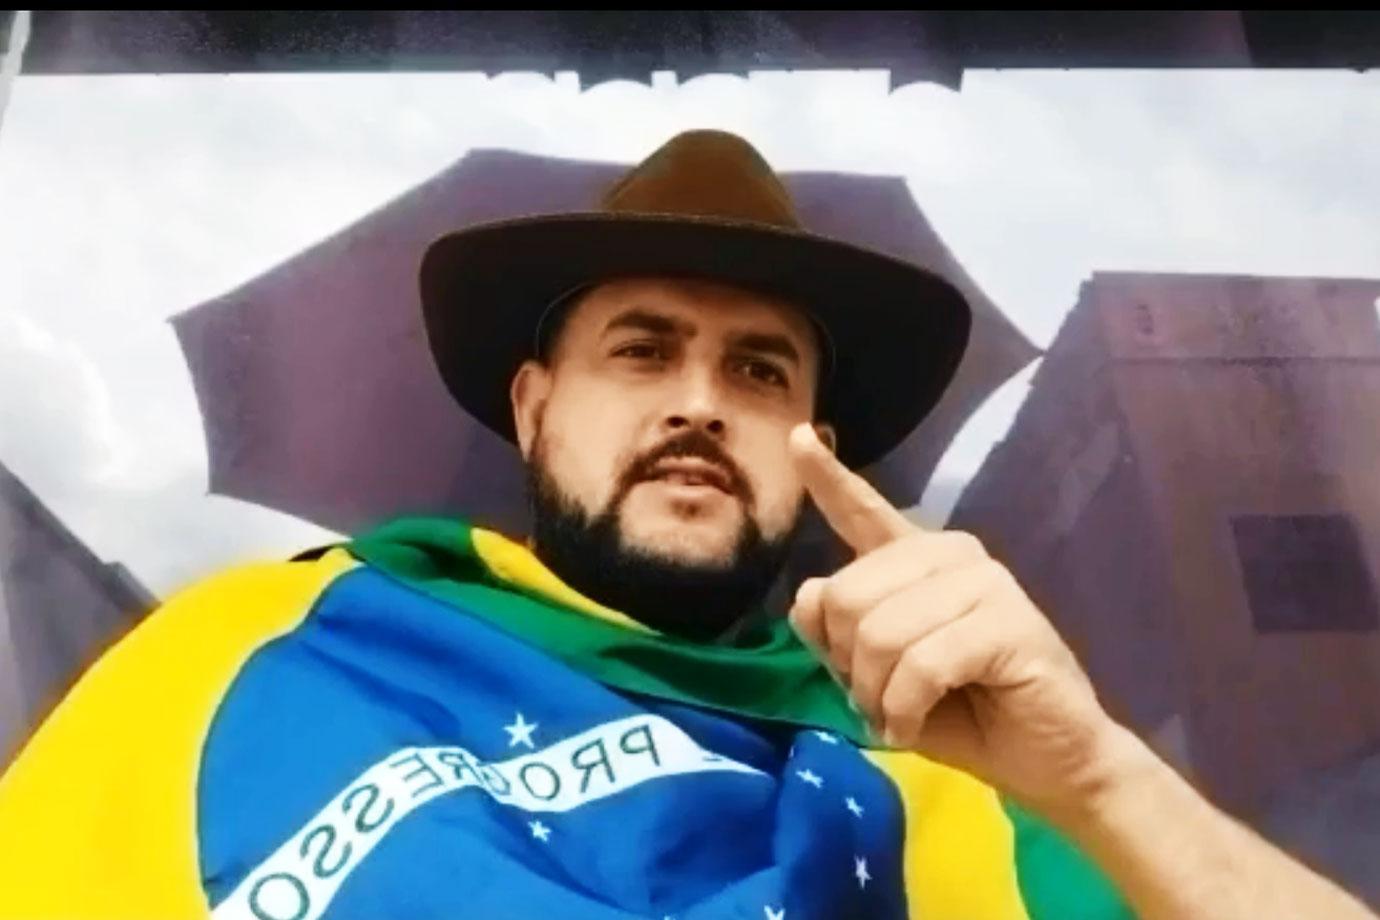 Caminhoneiro Zé Trovão é apontado como articulador de atos antidemocráticos. Foto: Reprodução/Youtube